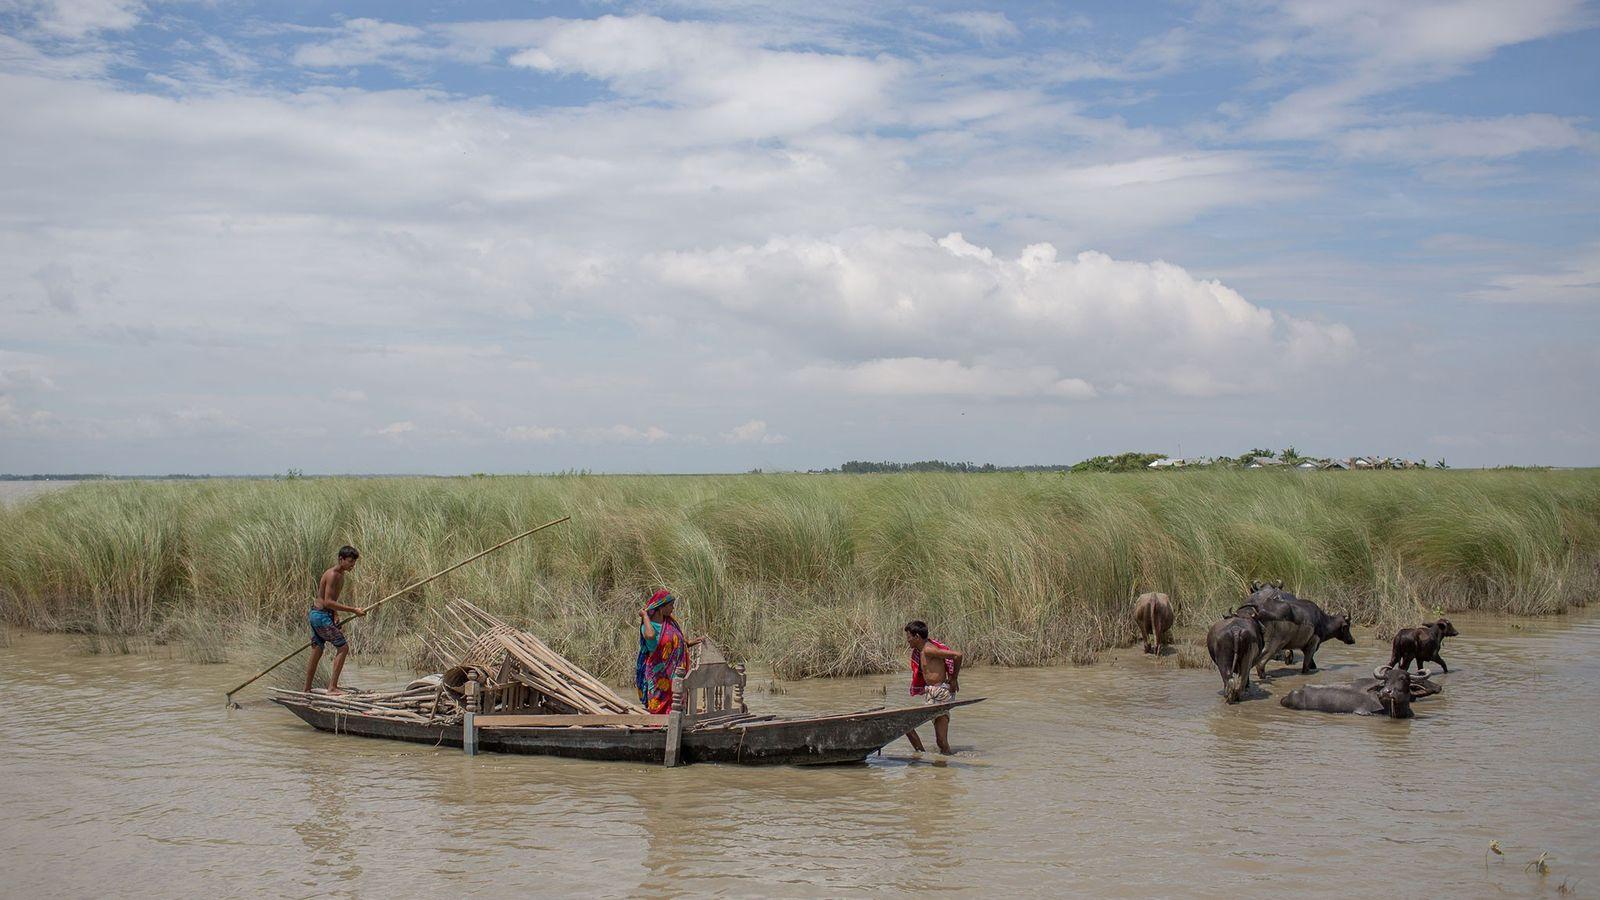 La gente lleva sus bienes importantes en barco en una aldea afectada por inundaciones en Gaibandha, ...